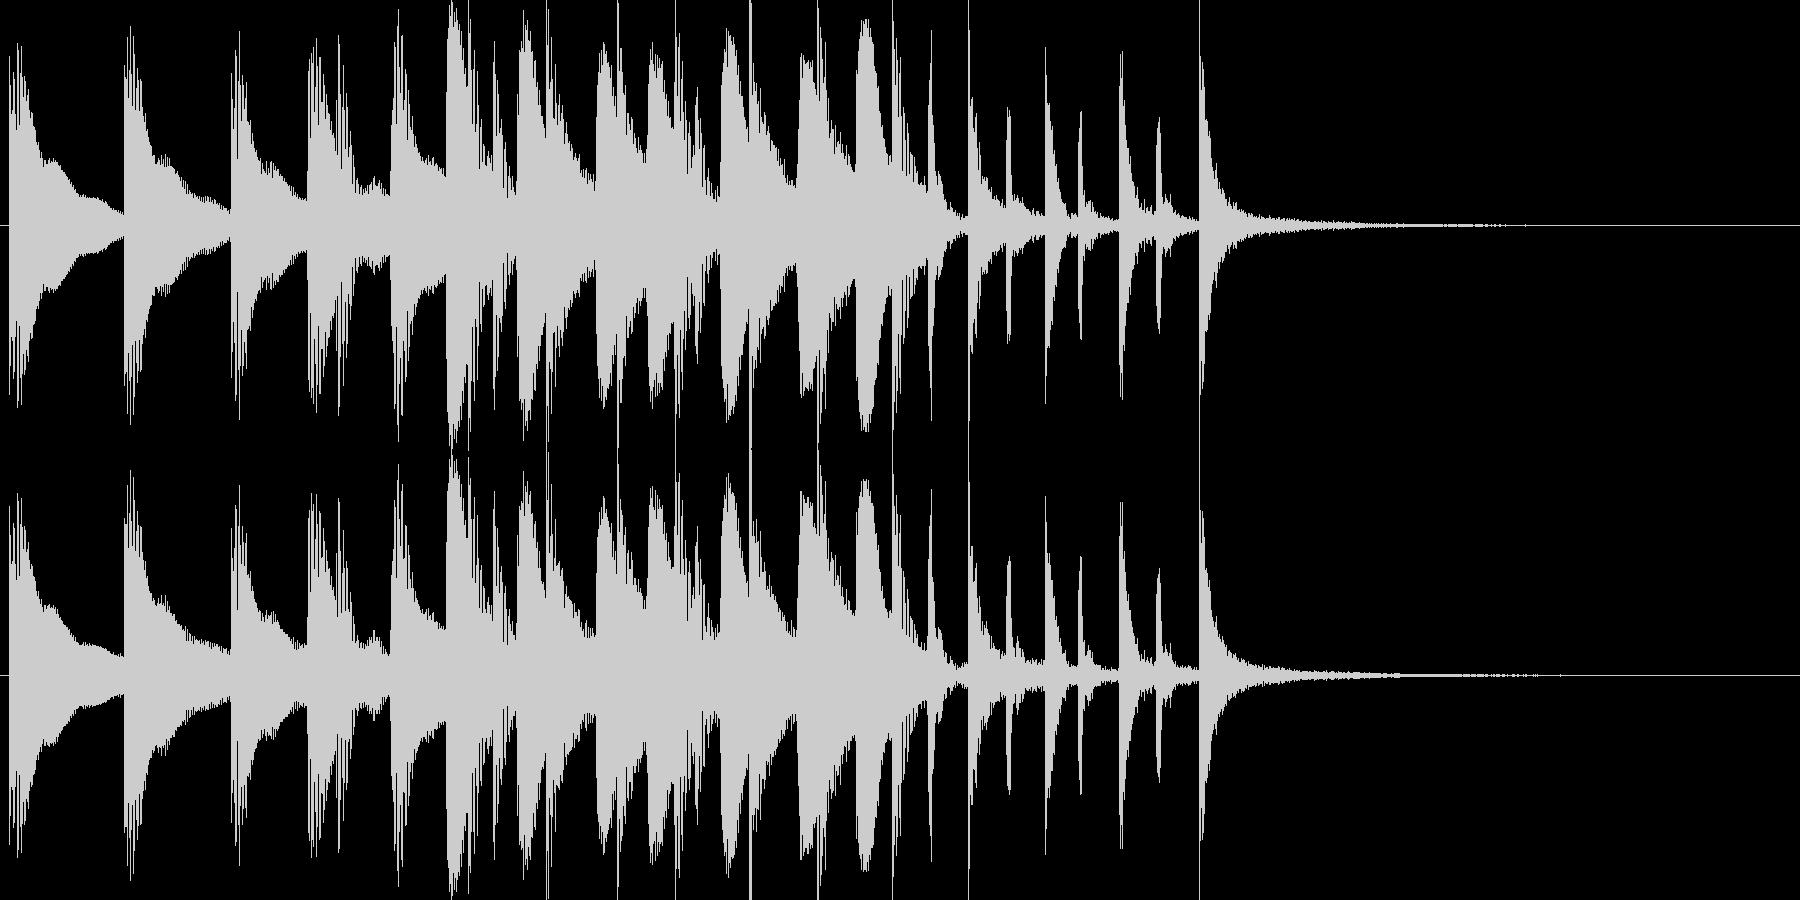 ドラム/ティンバレス フィルイン 22の未再生の波形